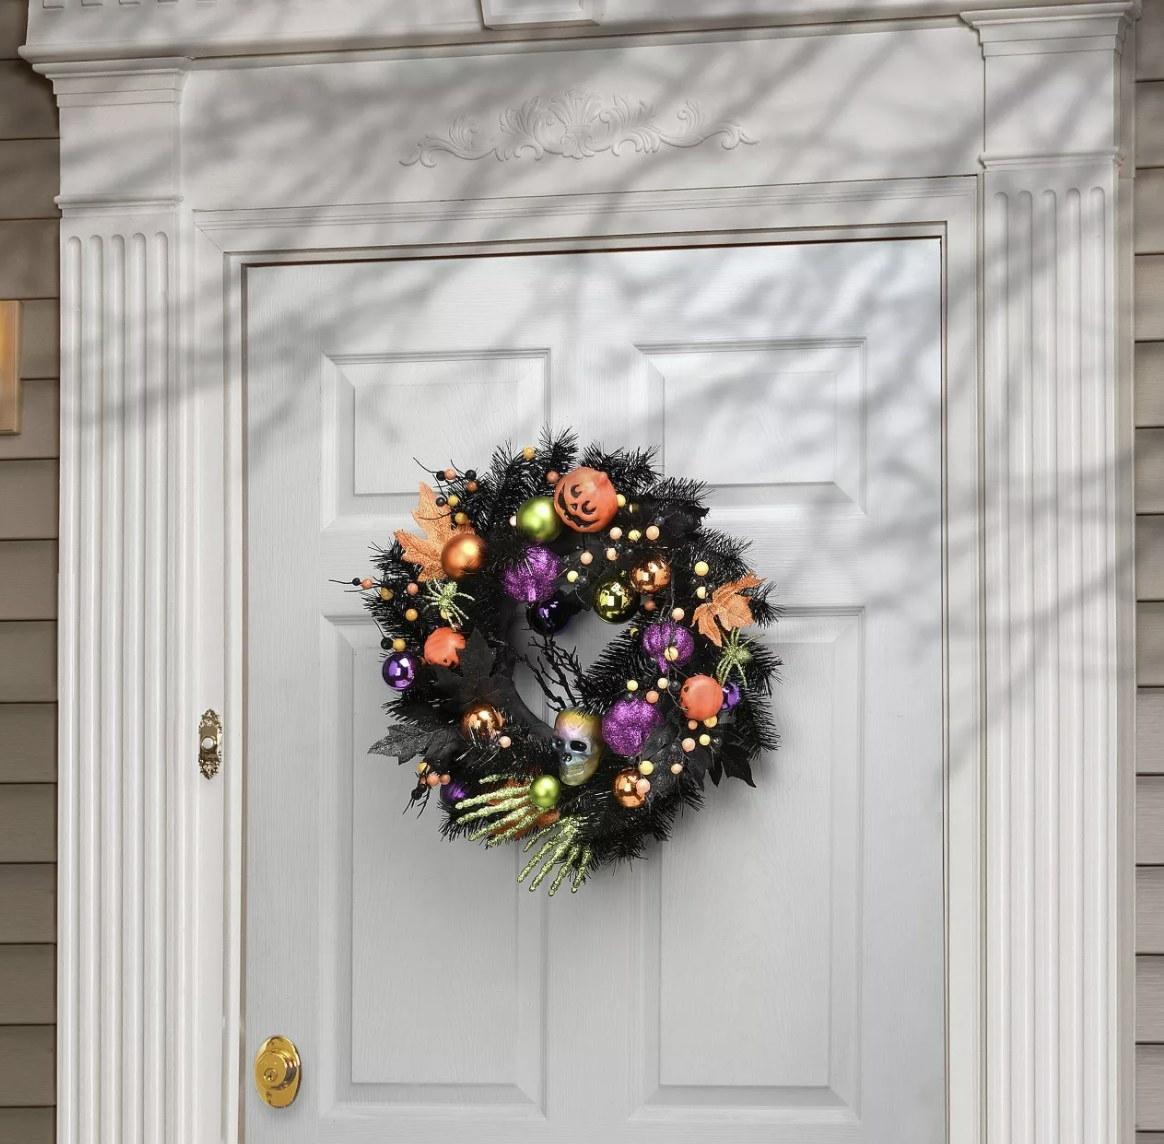 Pumpkin and ornament wreath on front door